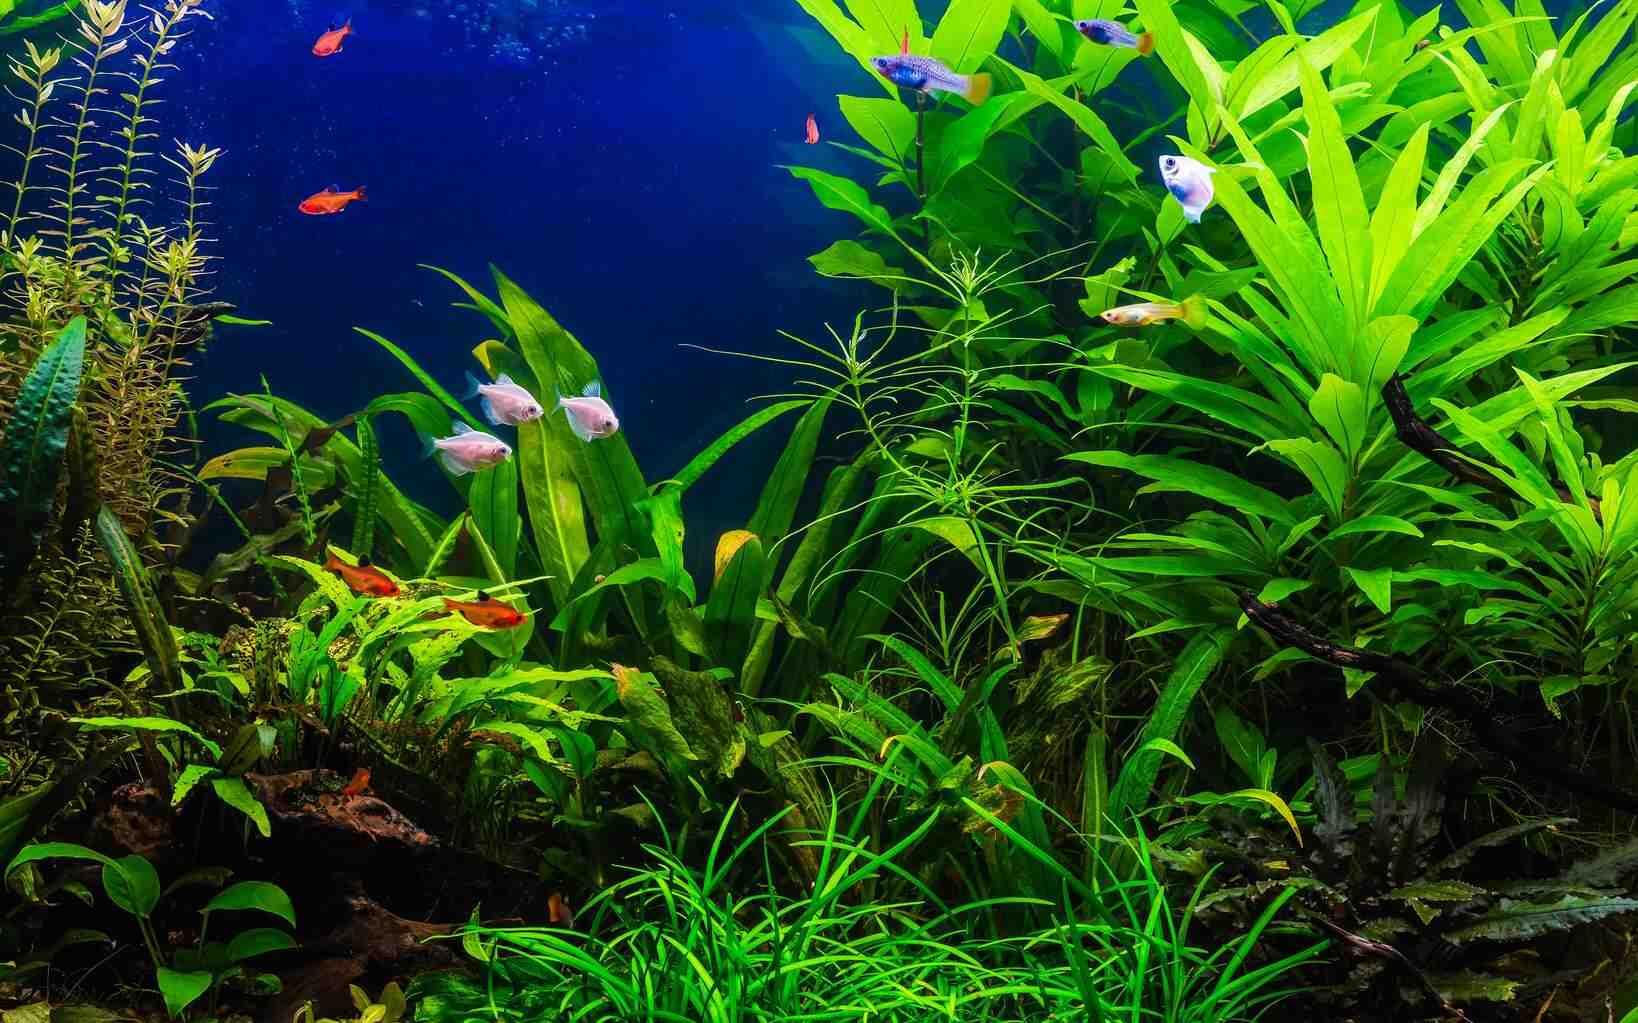 Quels poissons peuvent survivre dans un aquarium sans pompe?